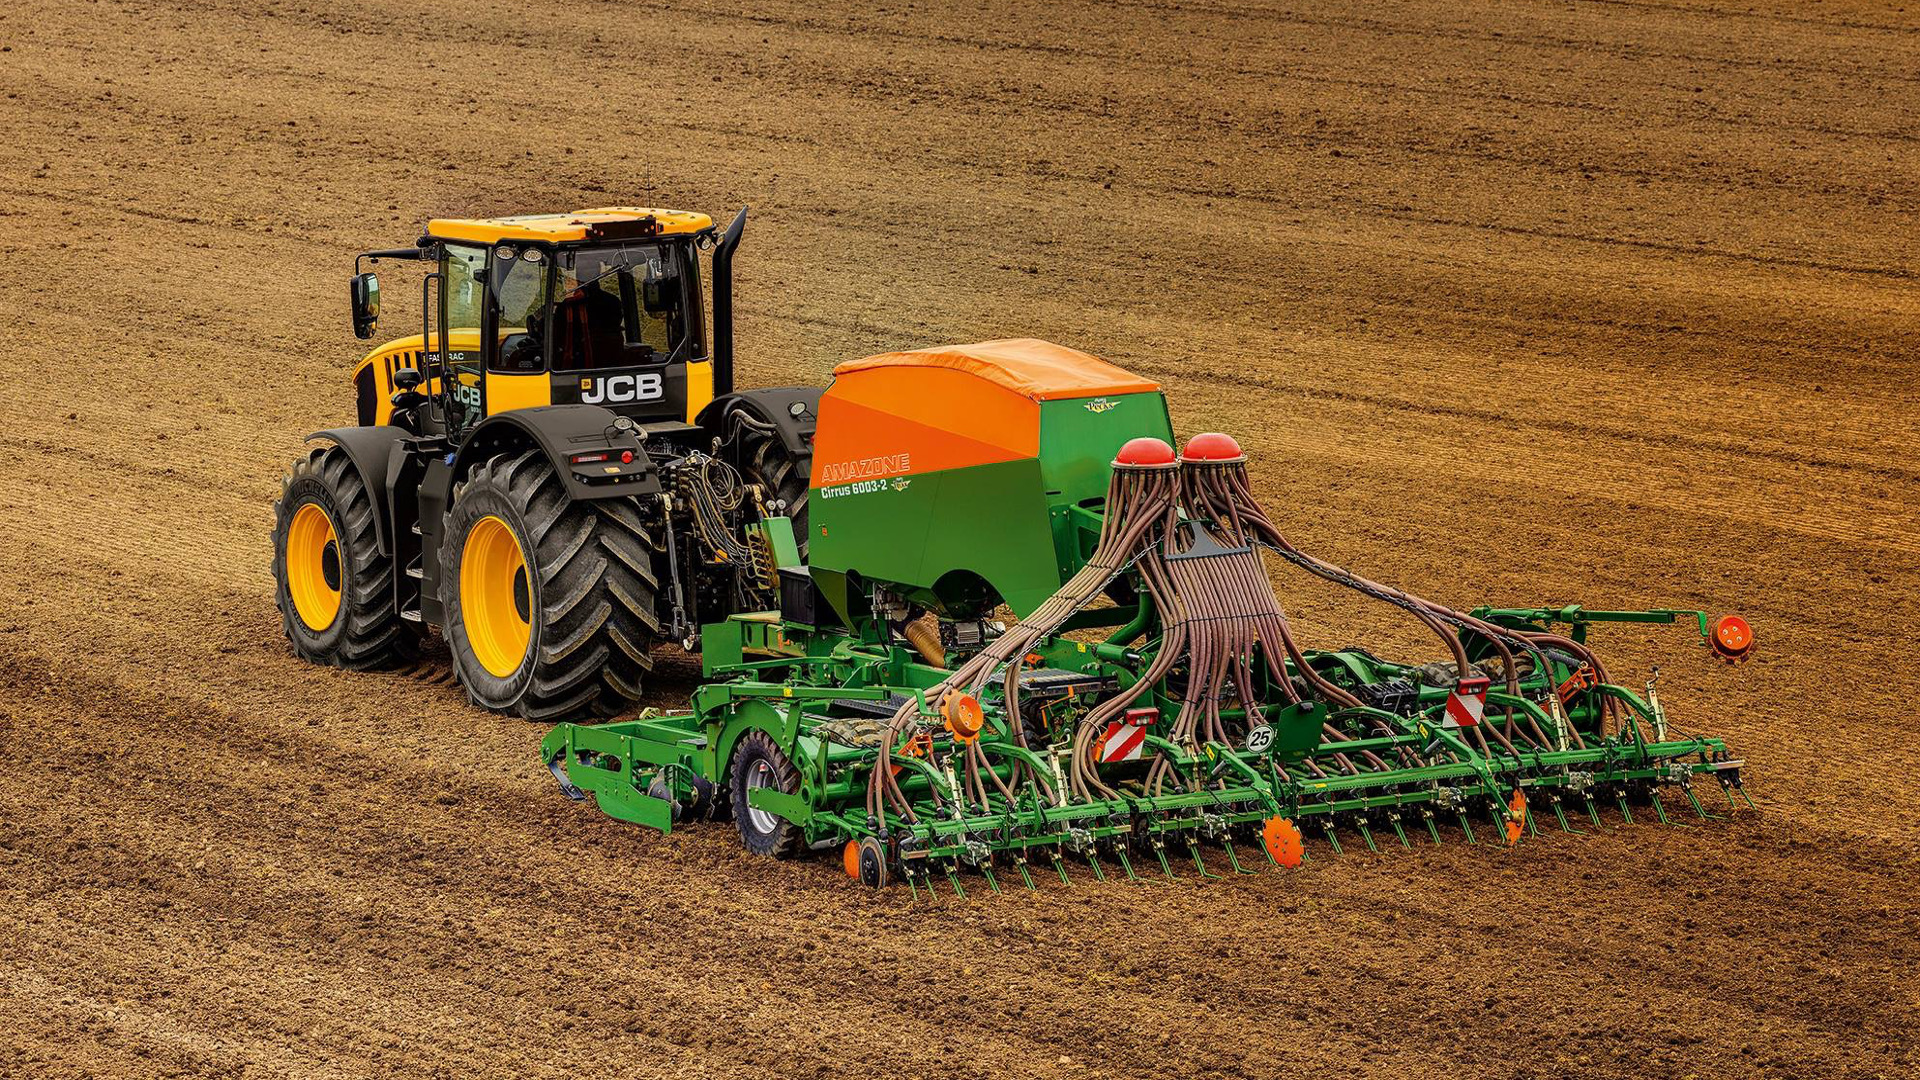 redisenar-las-maquinas-agricolas-para-reducir-las-emisiones-contaminantes-1920